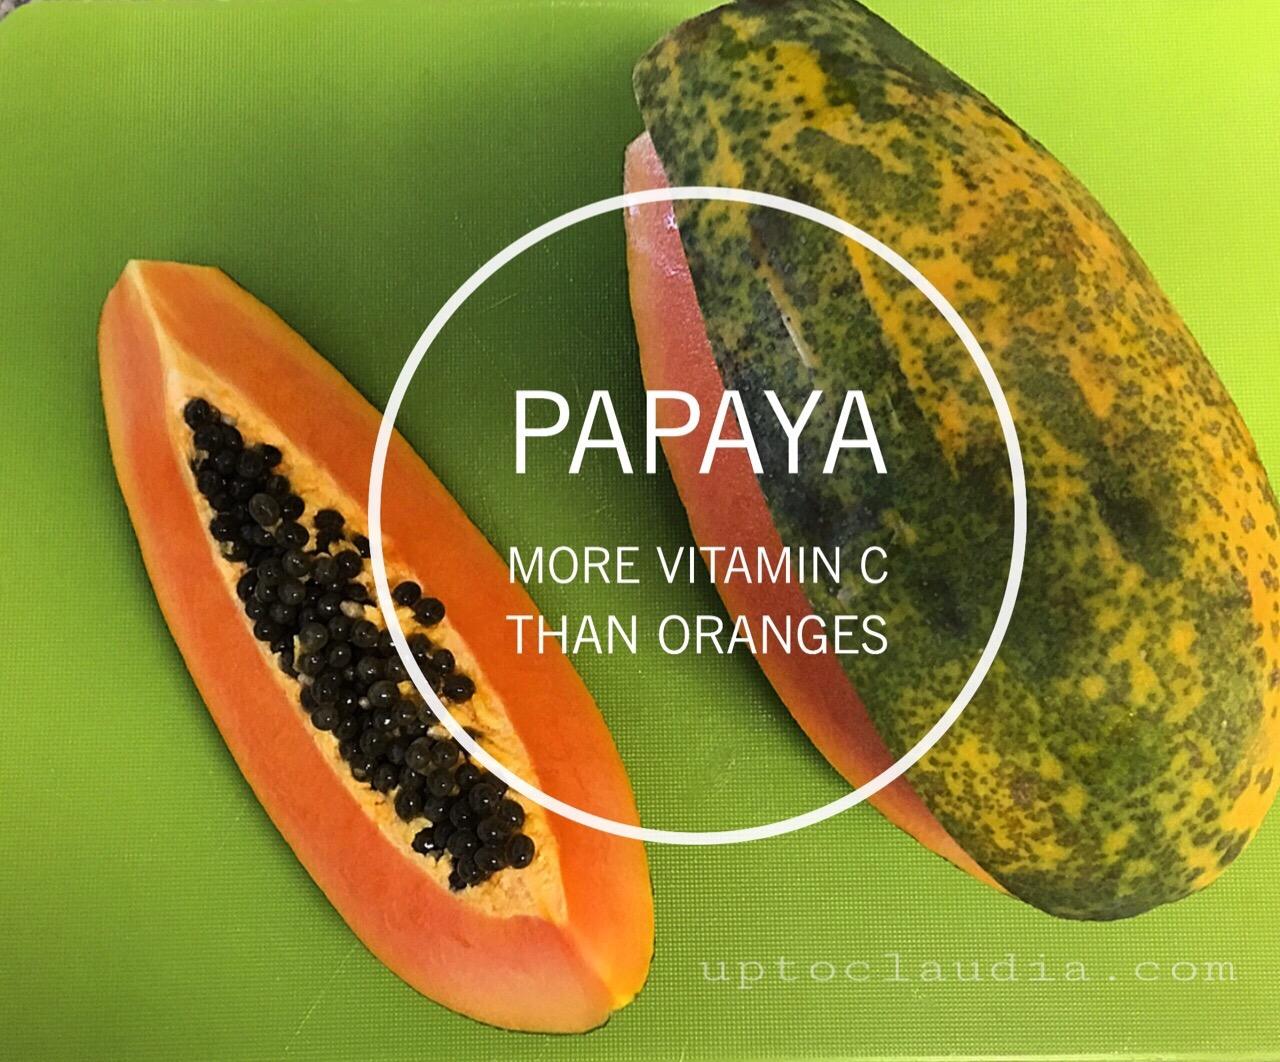 5 wonderful benefits of papaya